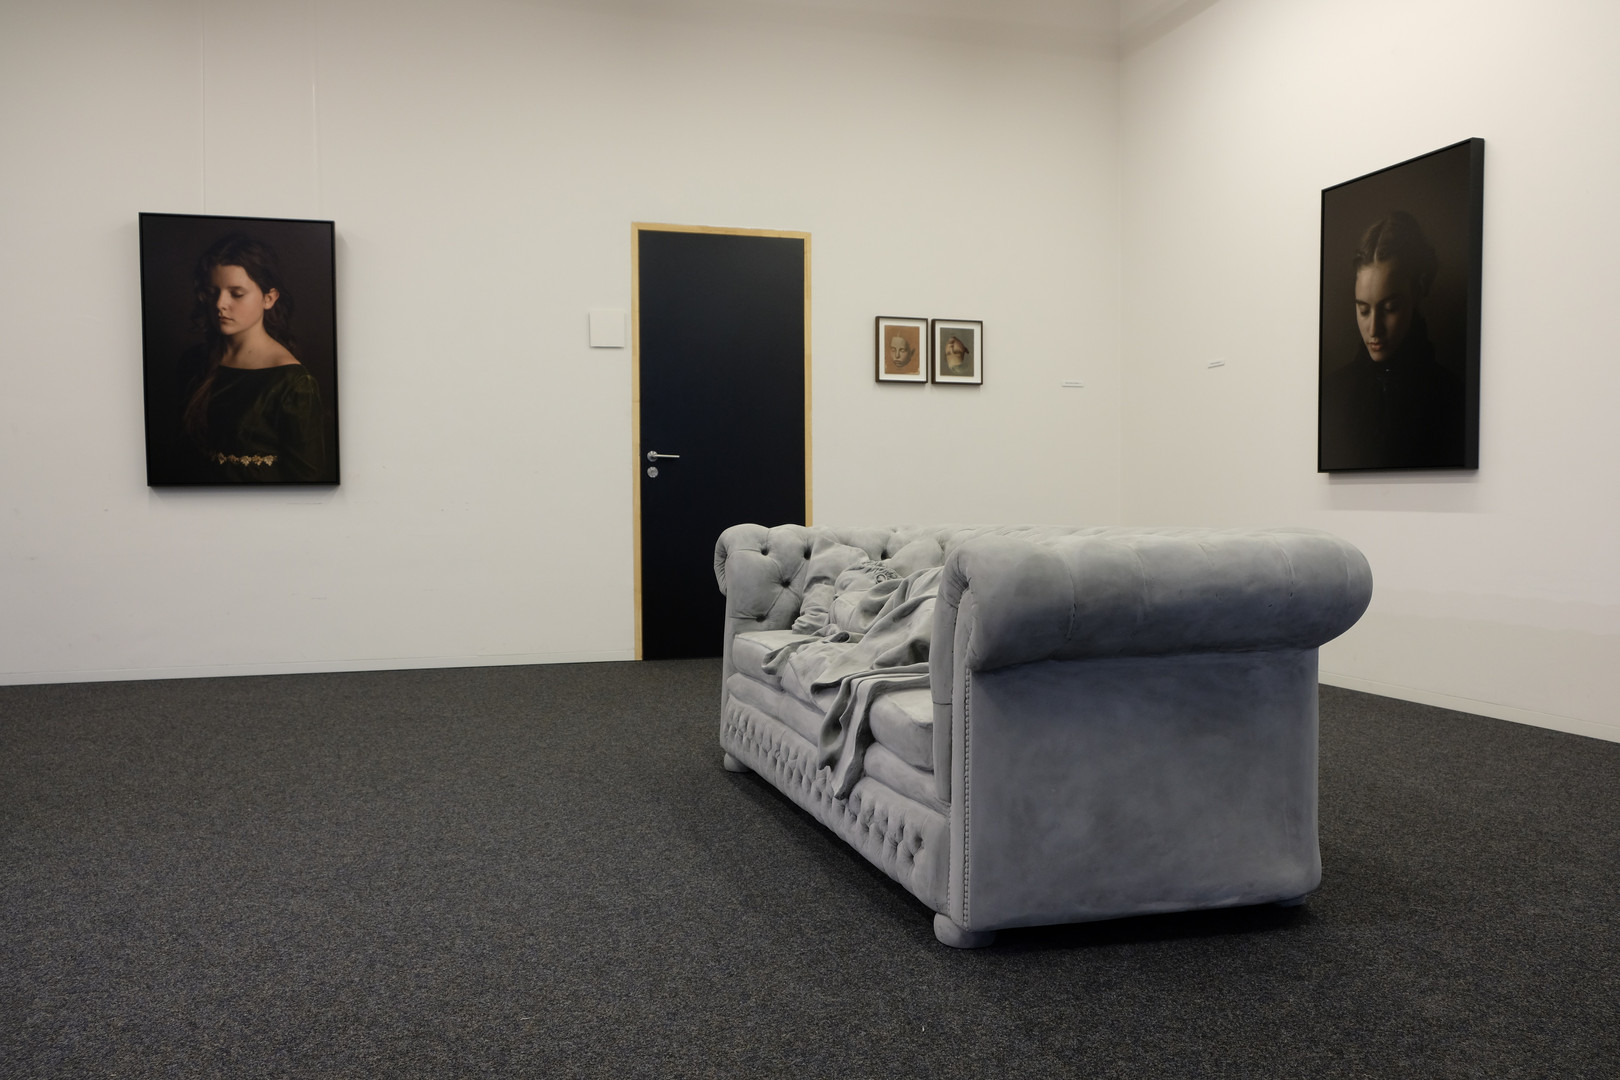 Hans Op de Beeck / Danielle van Zadelhoff / Steven Peters Caraballo